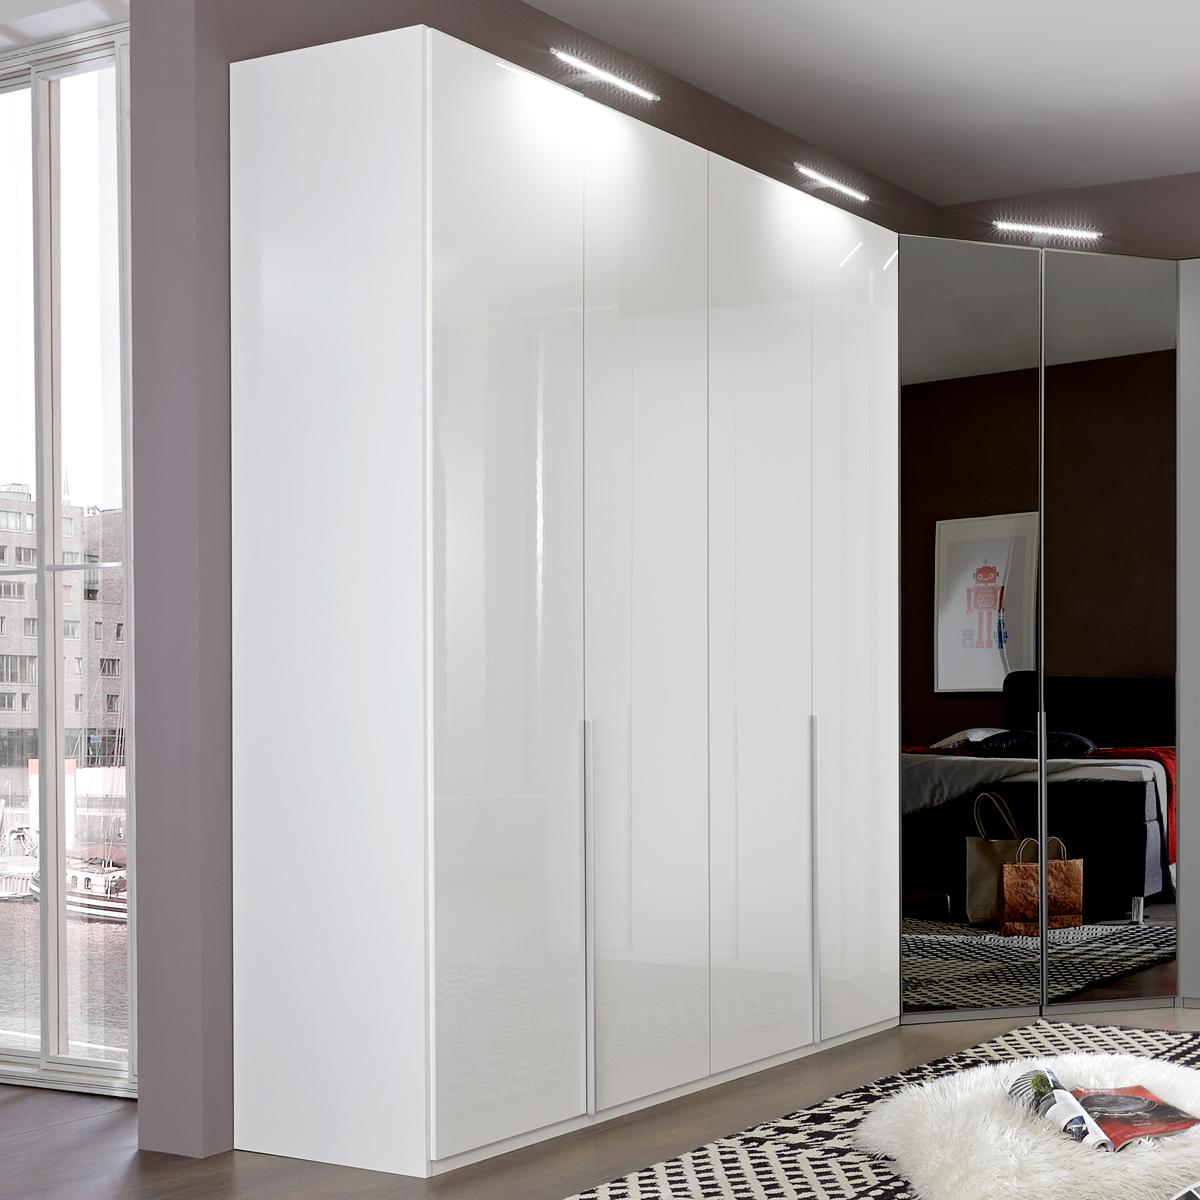 kleiderschrank new york d 180 cm dreht renschrank pearlglanz softwhite alpinwei. Black Bedroom Furniture Sets. Home Design Ideas